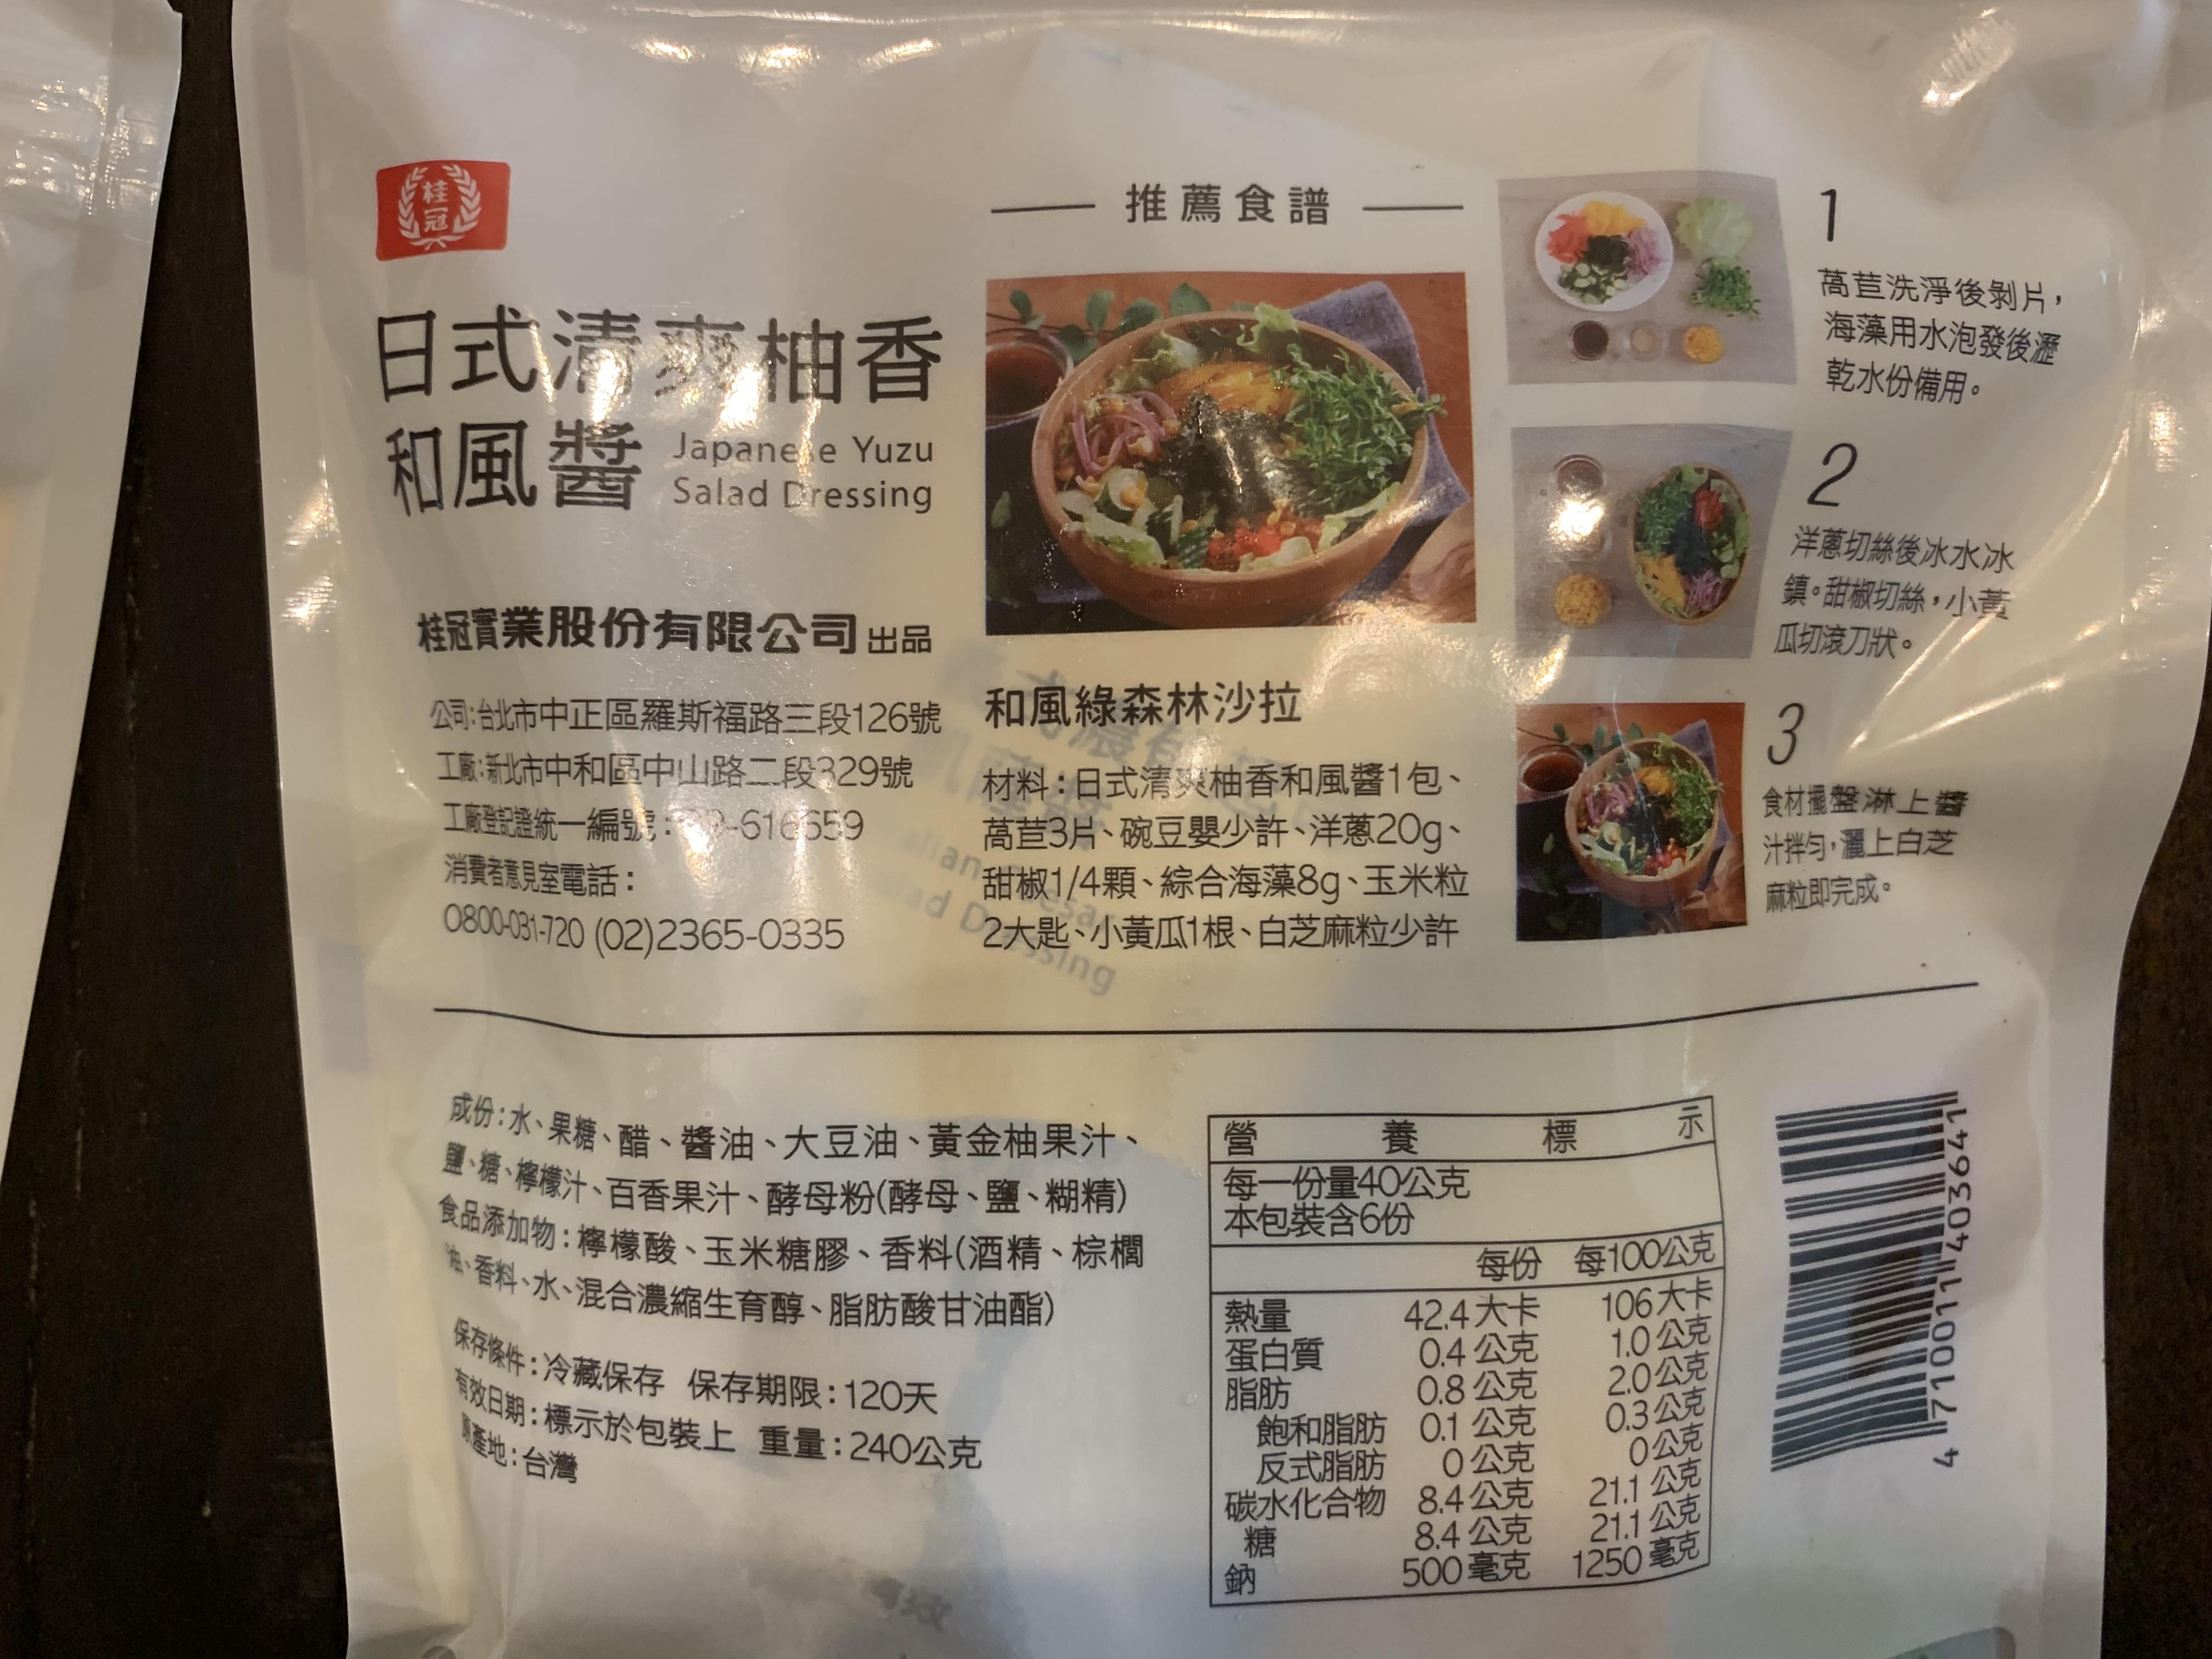 【桂冠風味沙拉】塑身低脂低卡低熱量-雞胸肉佐杏鮑菇溫沙拉的第 3 張圖片